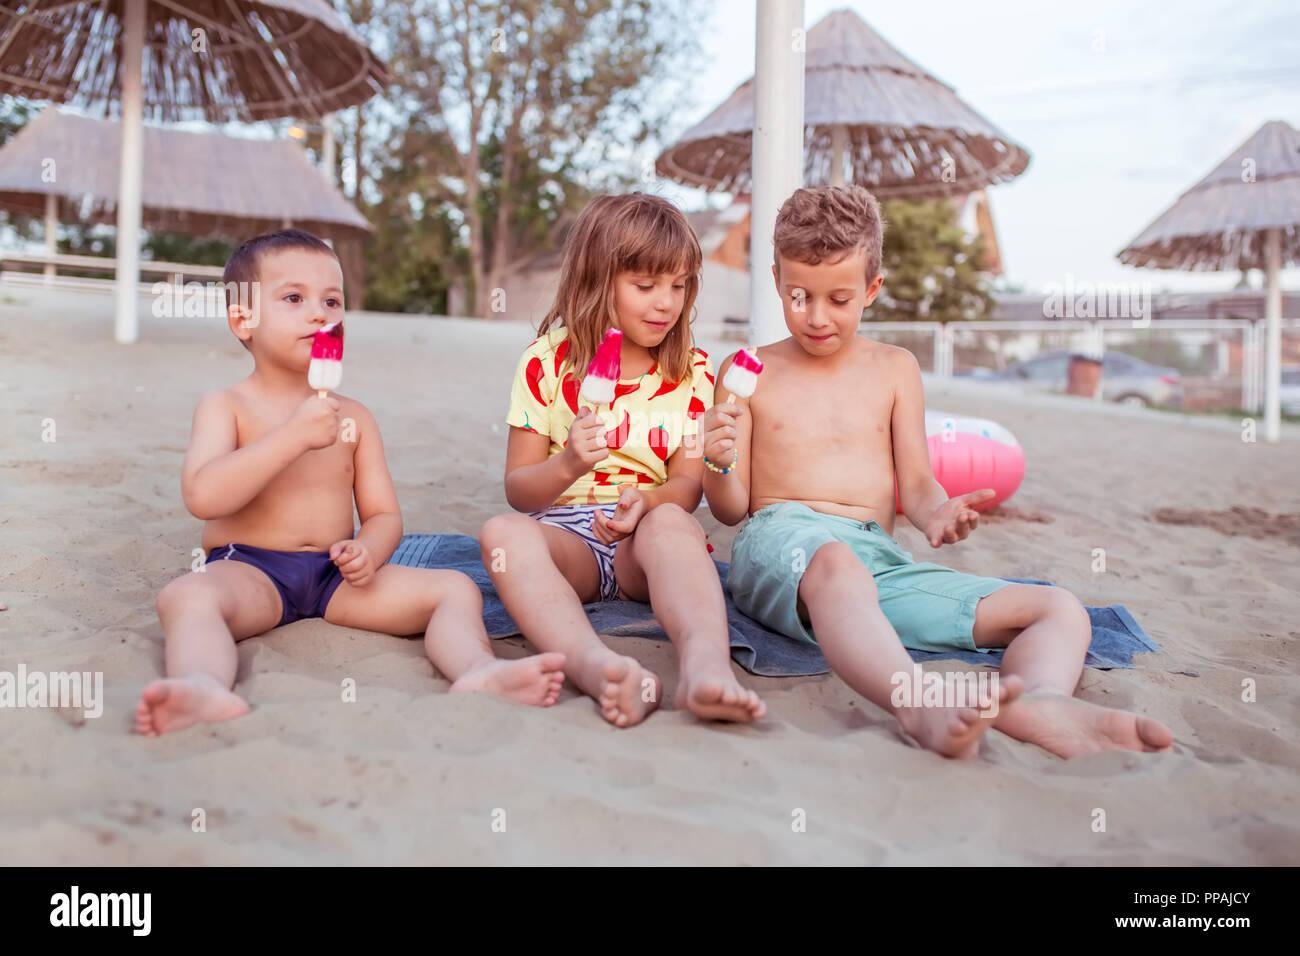 Positivo felici i bambini seduti sulla spiaggia di sabbia e a mangiare il gelato. Persone, bambini, amici e amicizia concetto Immagini Stock